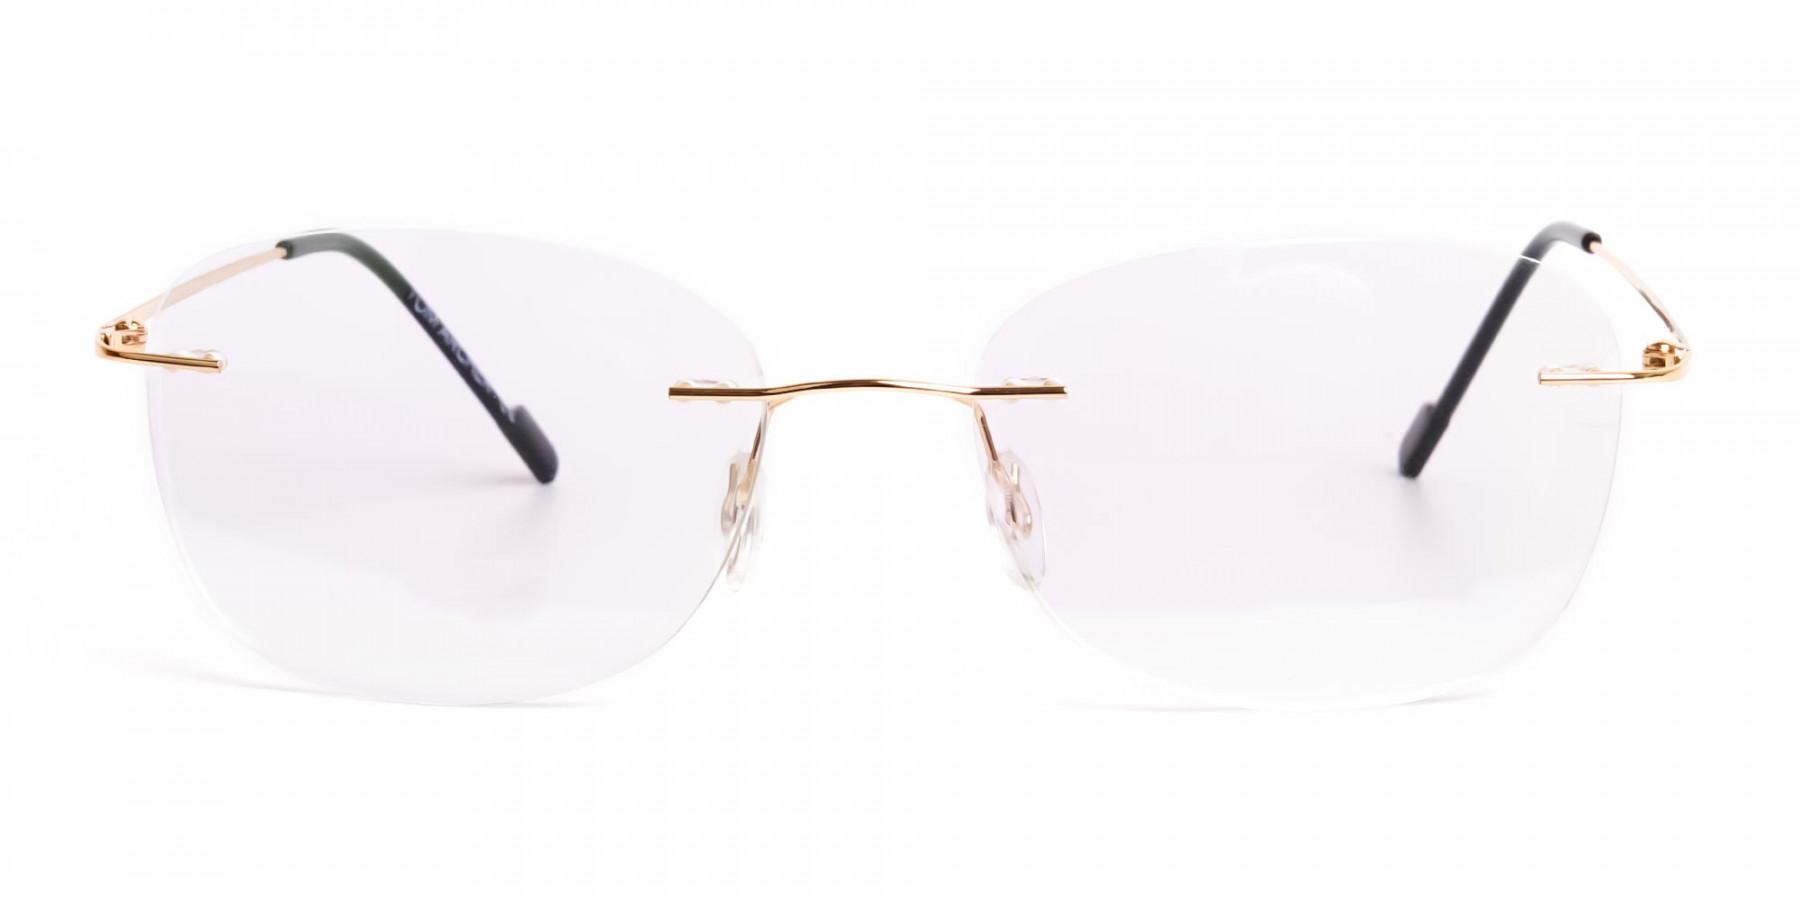 gold-rimless-titanium-glasses-frames-1